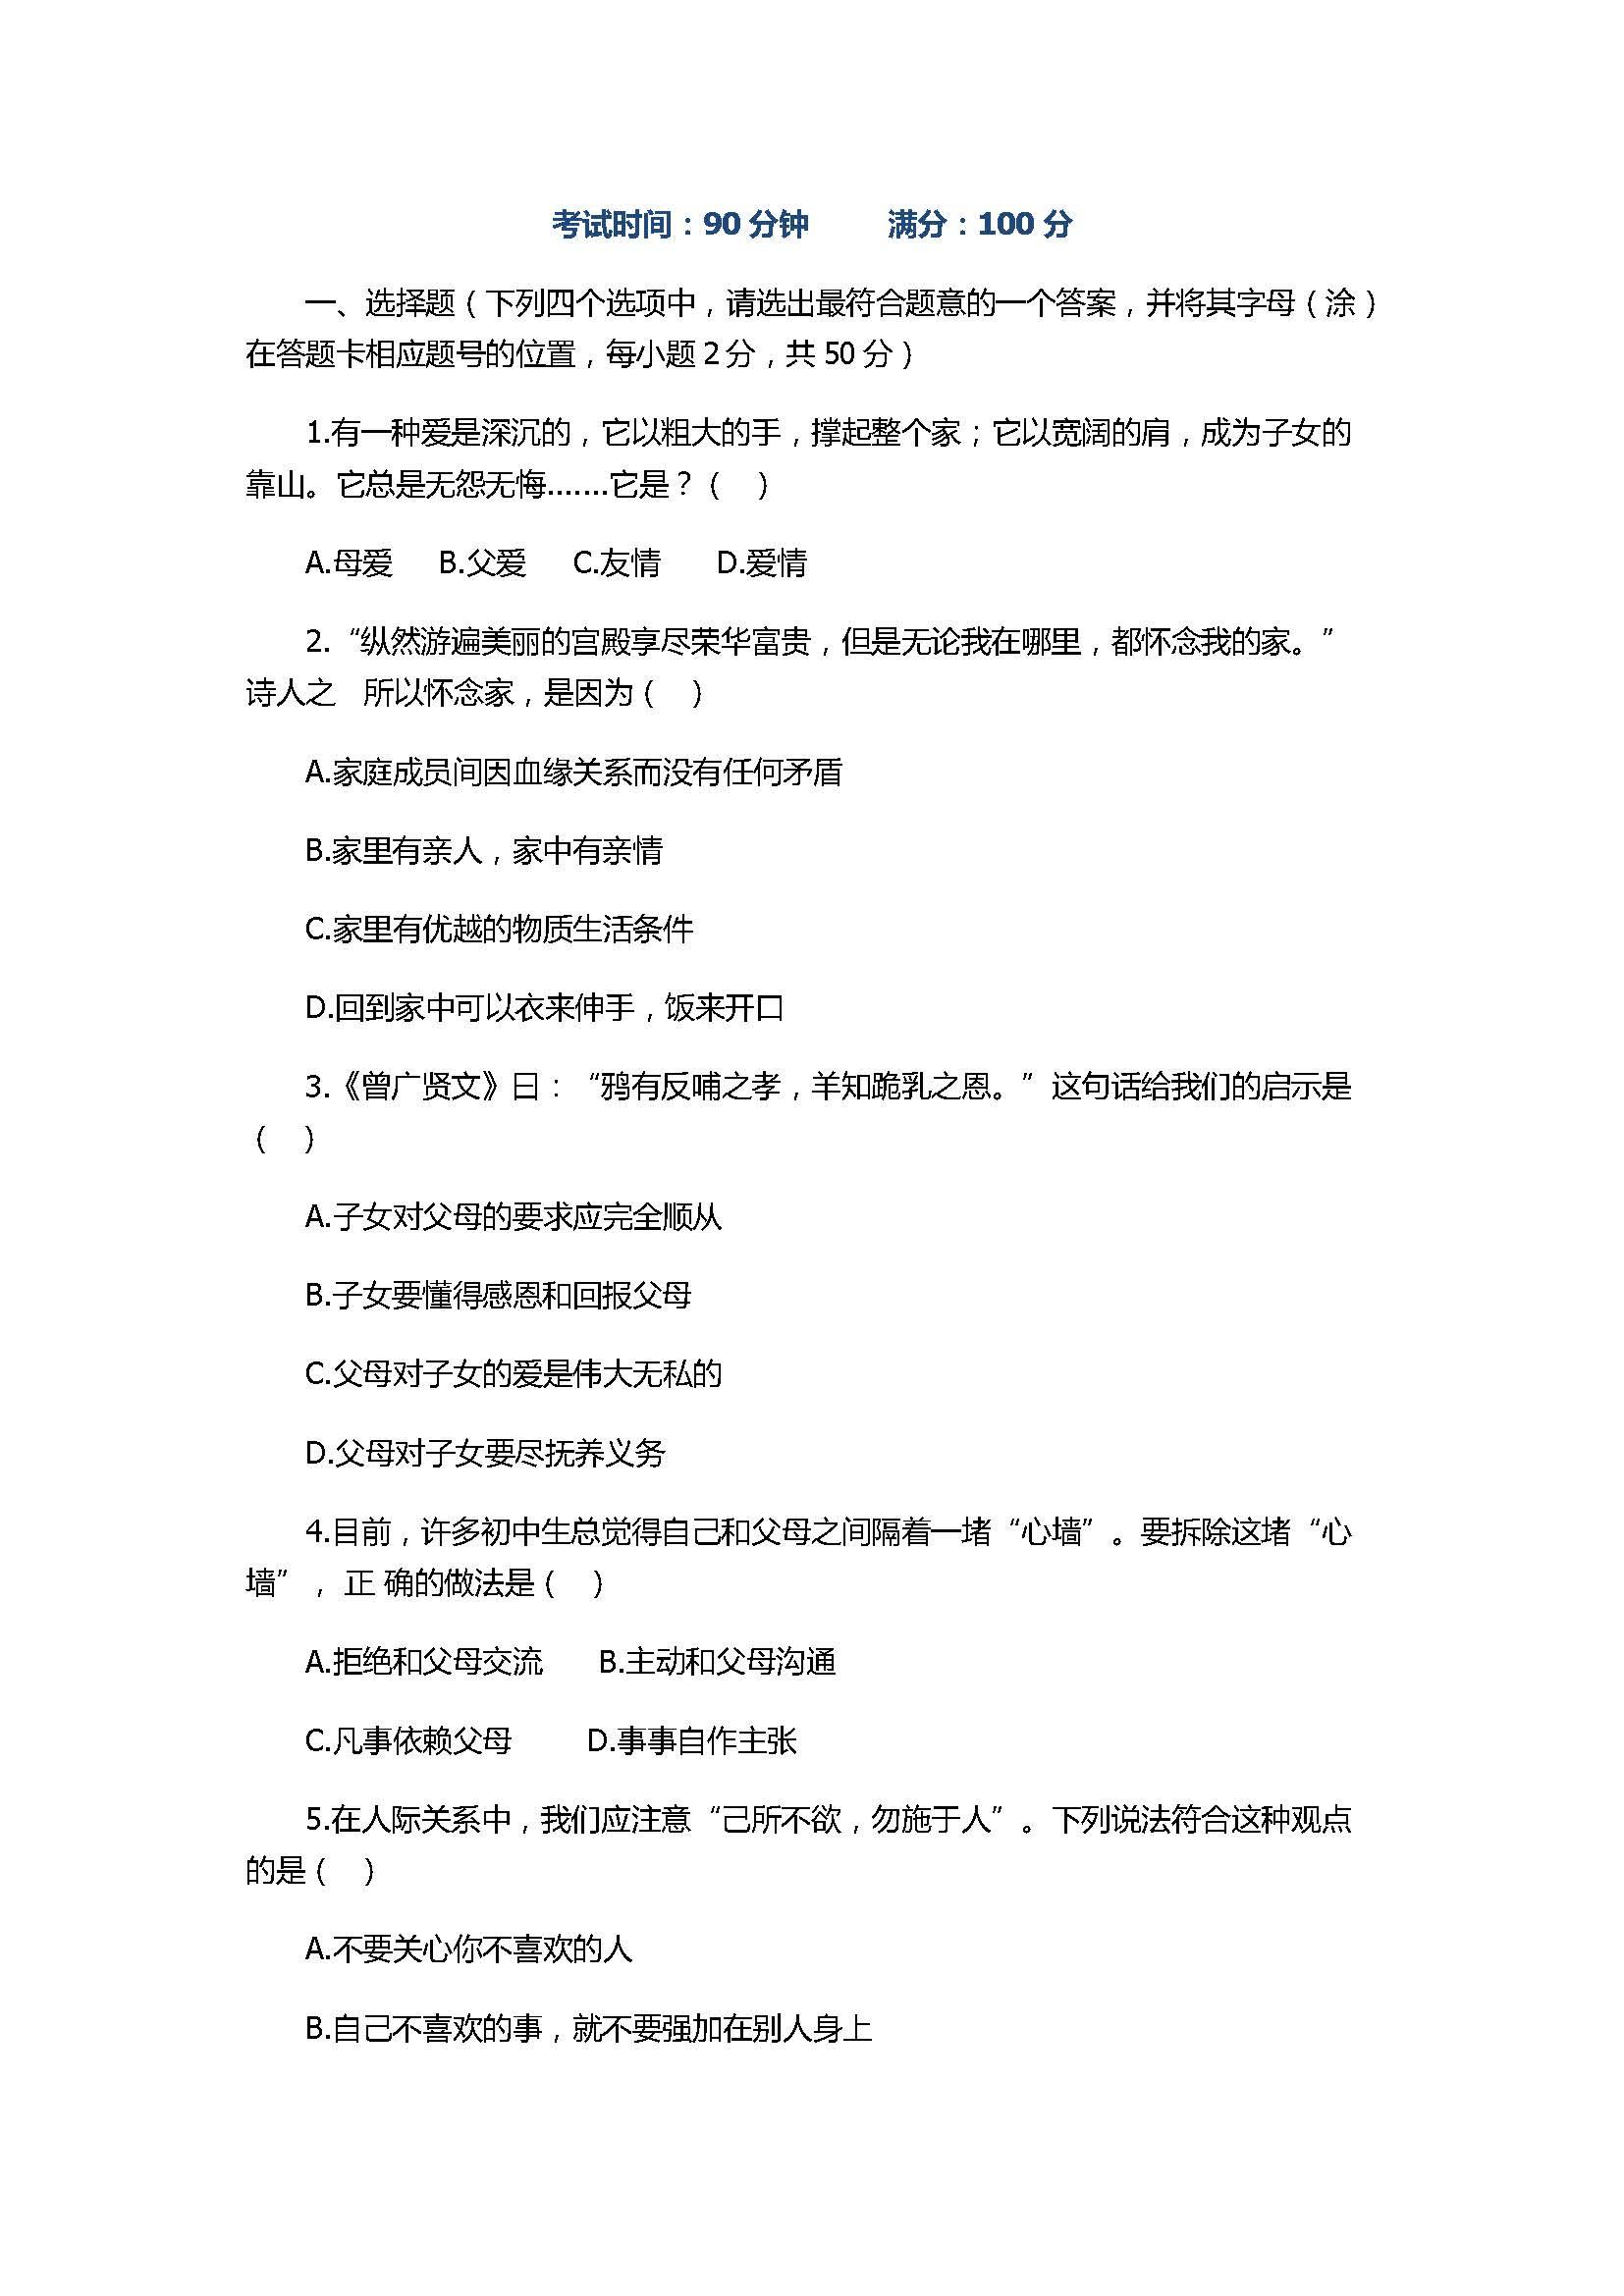 2017八年级思想品德上册期末联考测试卷带答案(腾冲市)